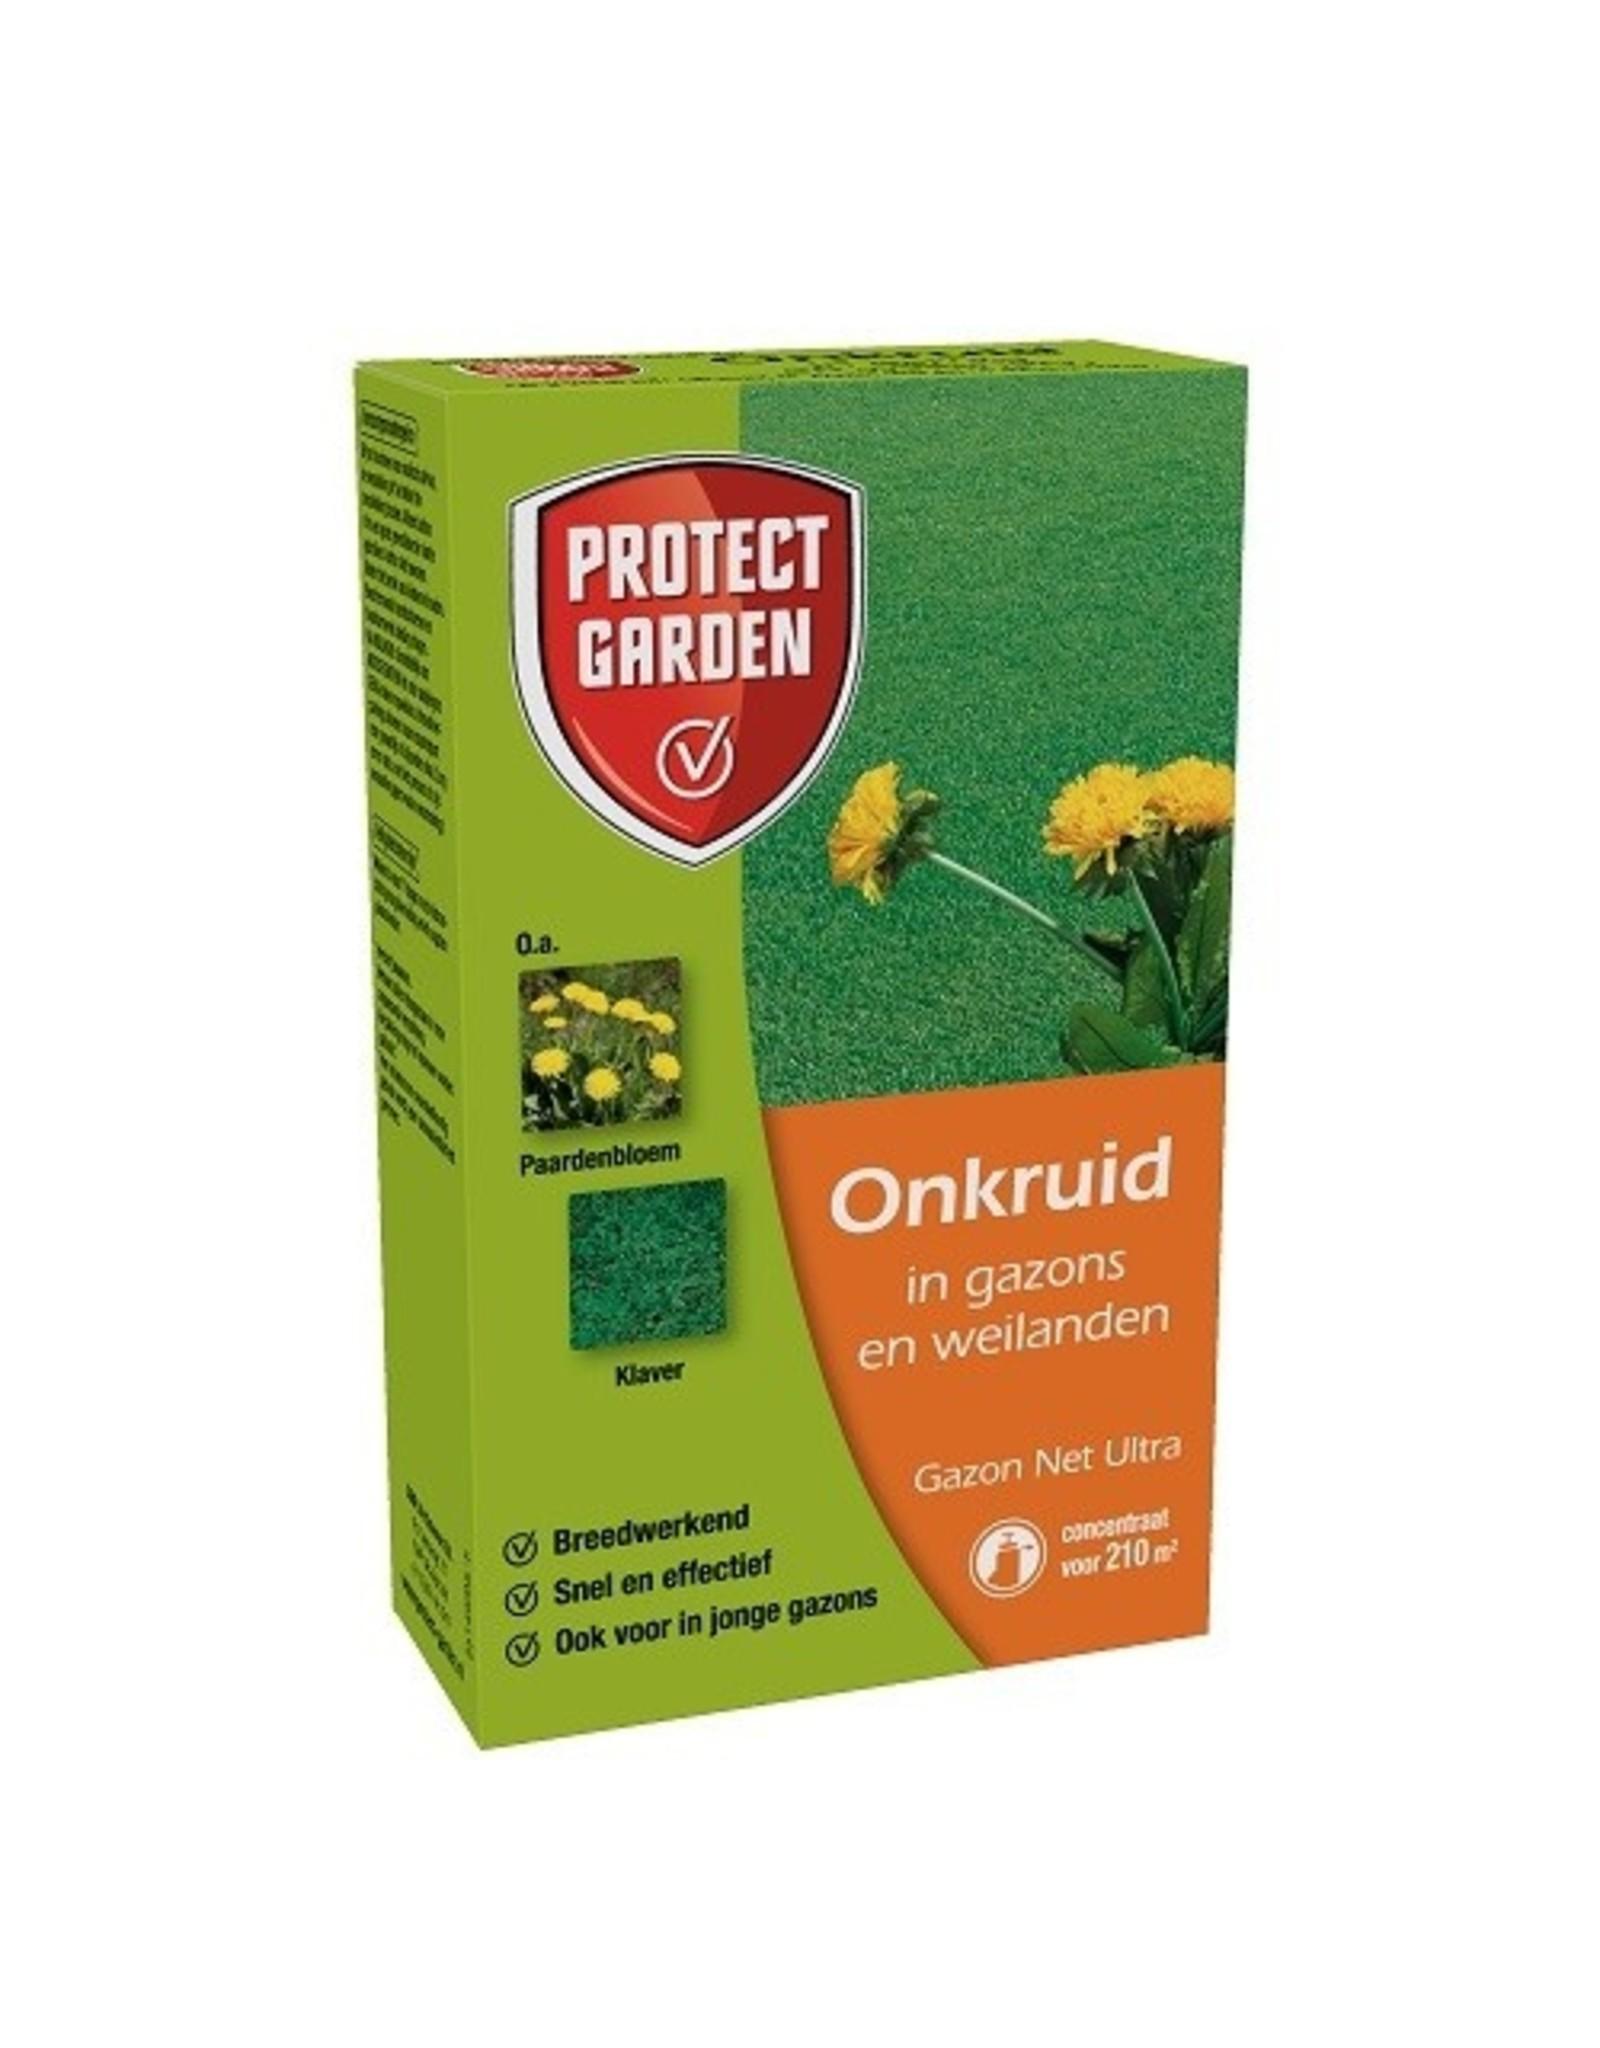 Protect Garden Gazon-Net Ultra 40 ml tegen onkruiden in het gazon